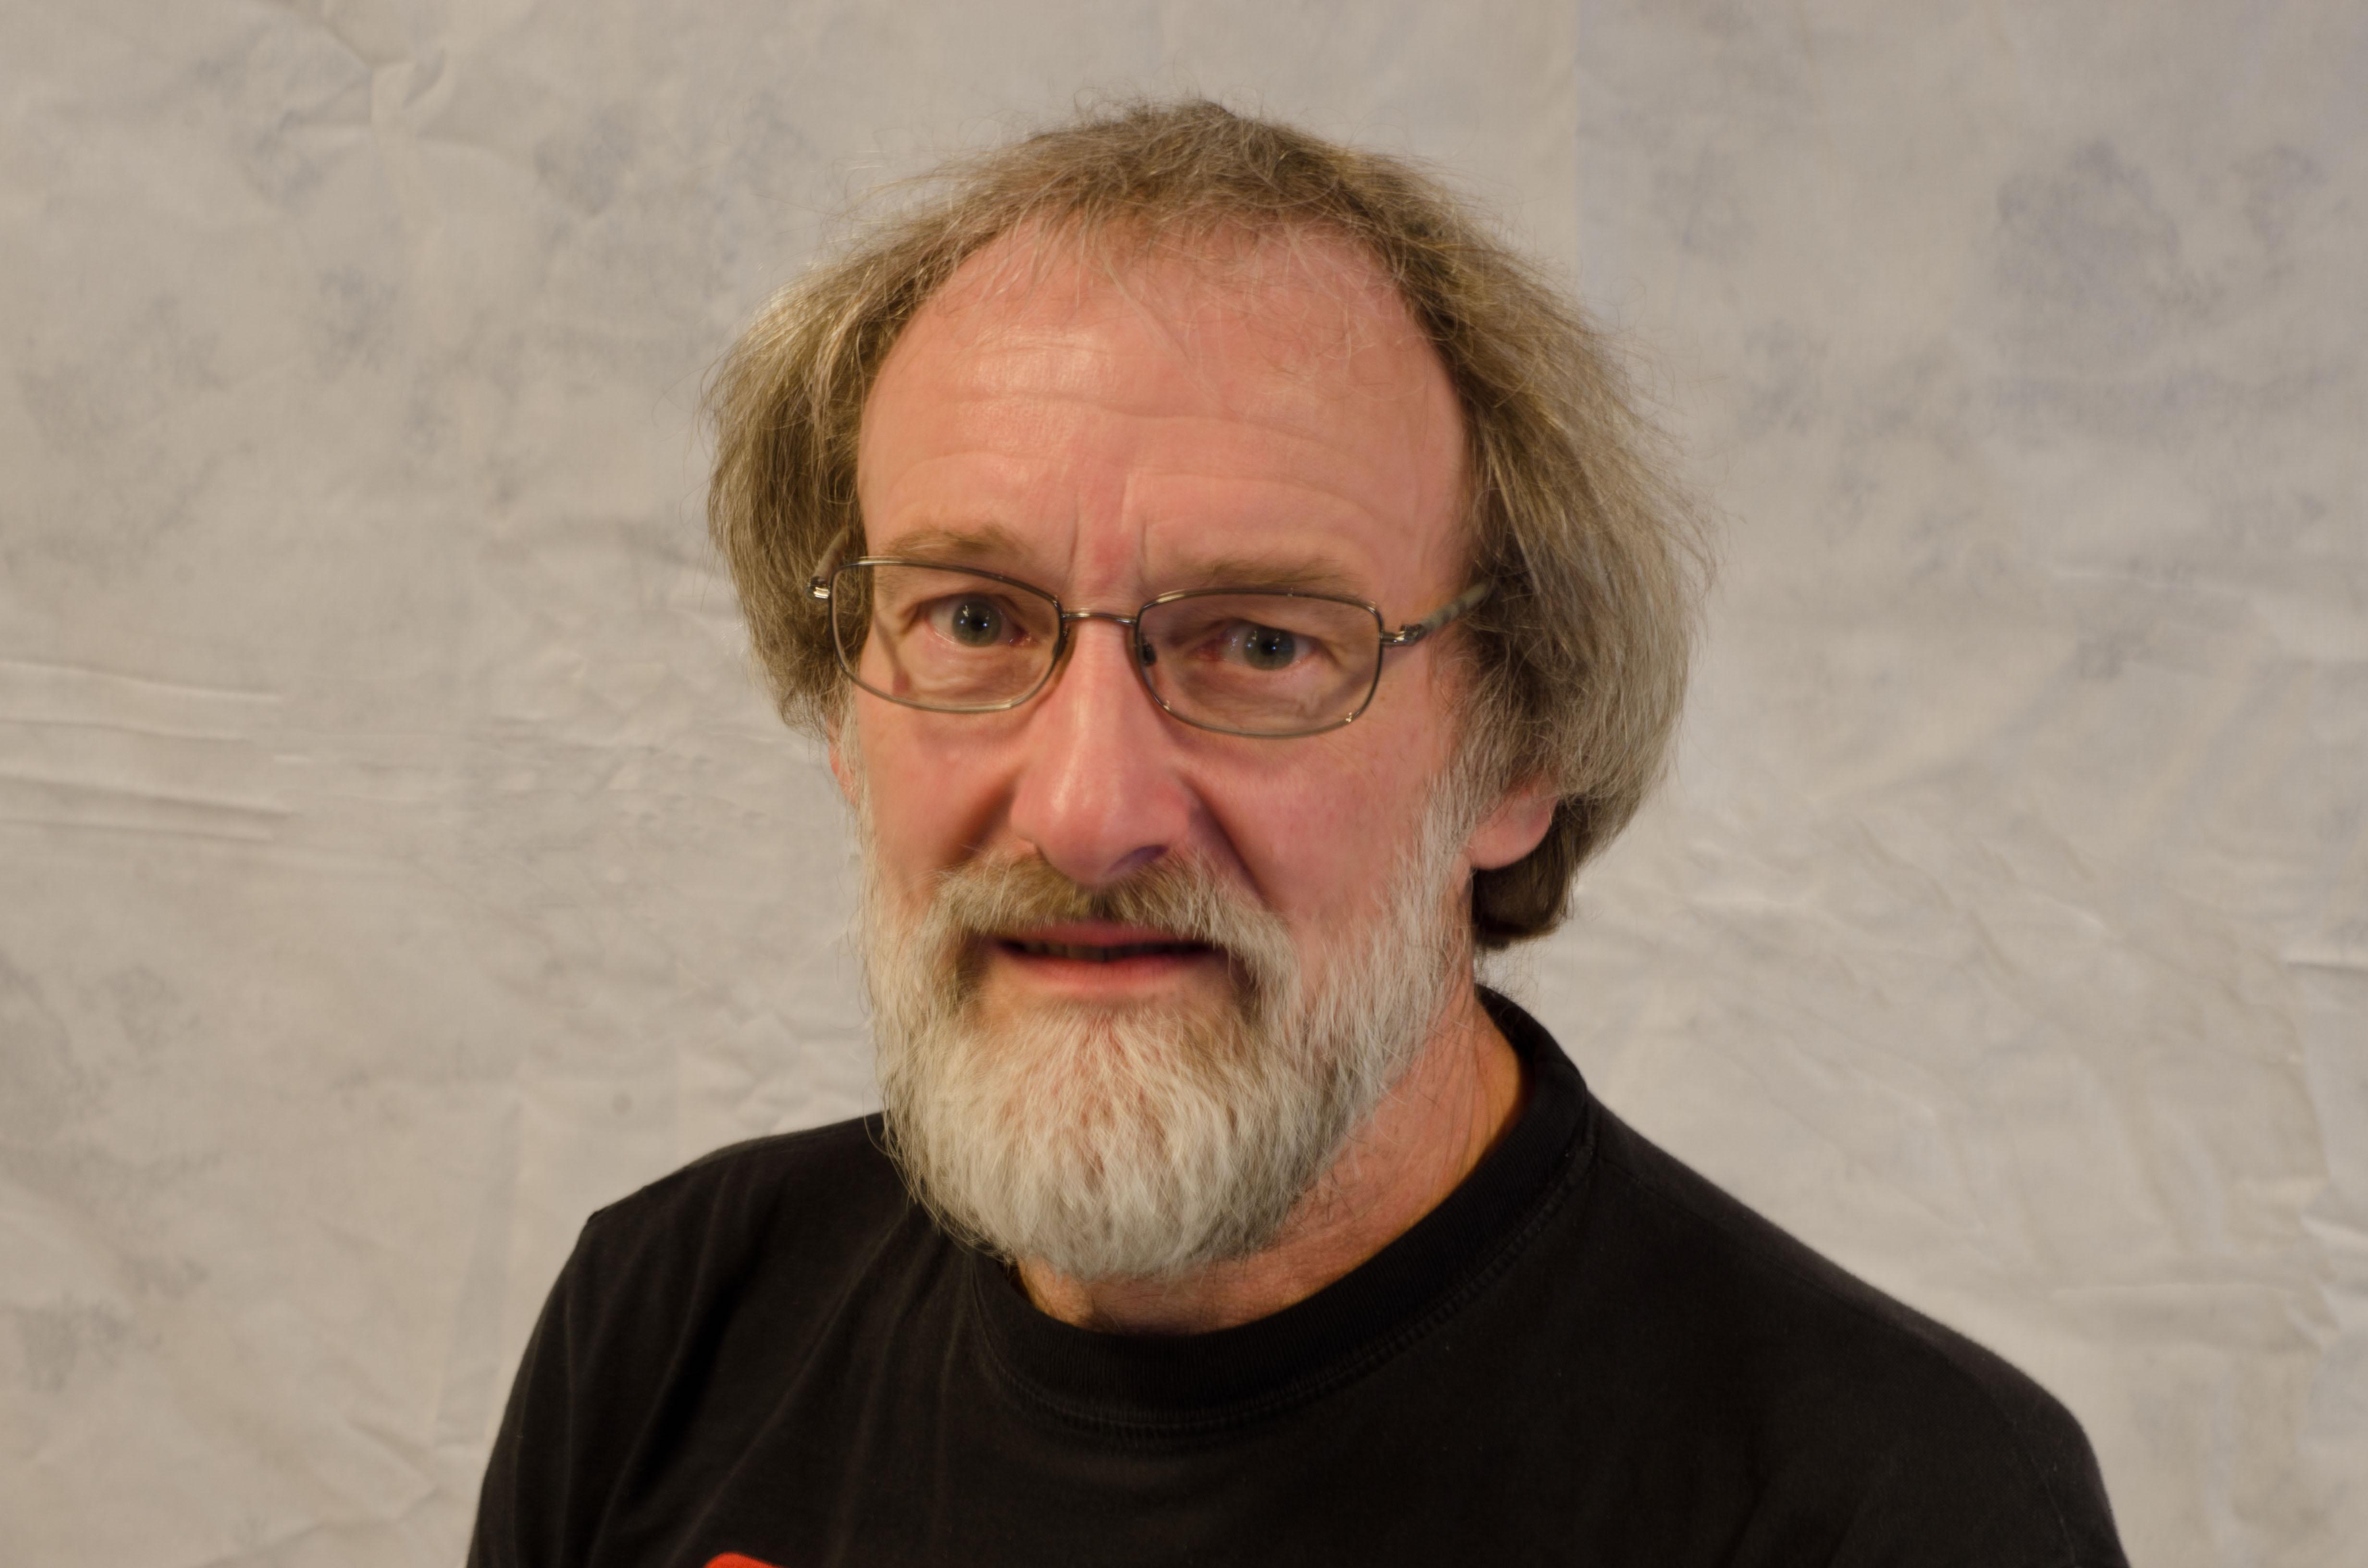 Carsten Salbo